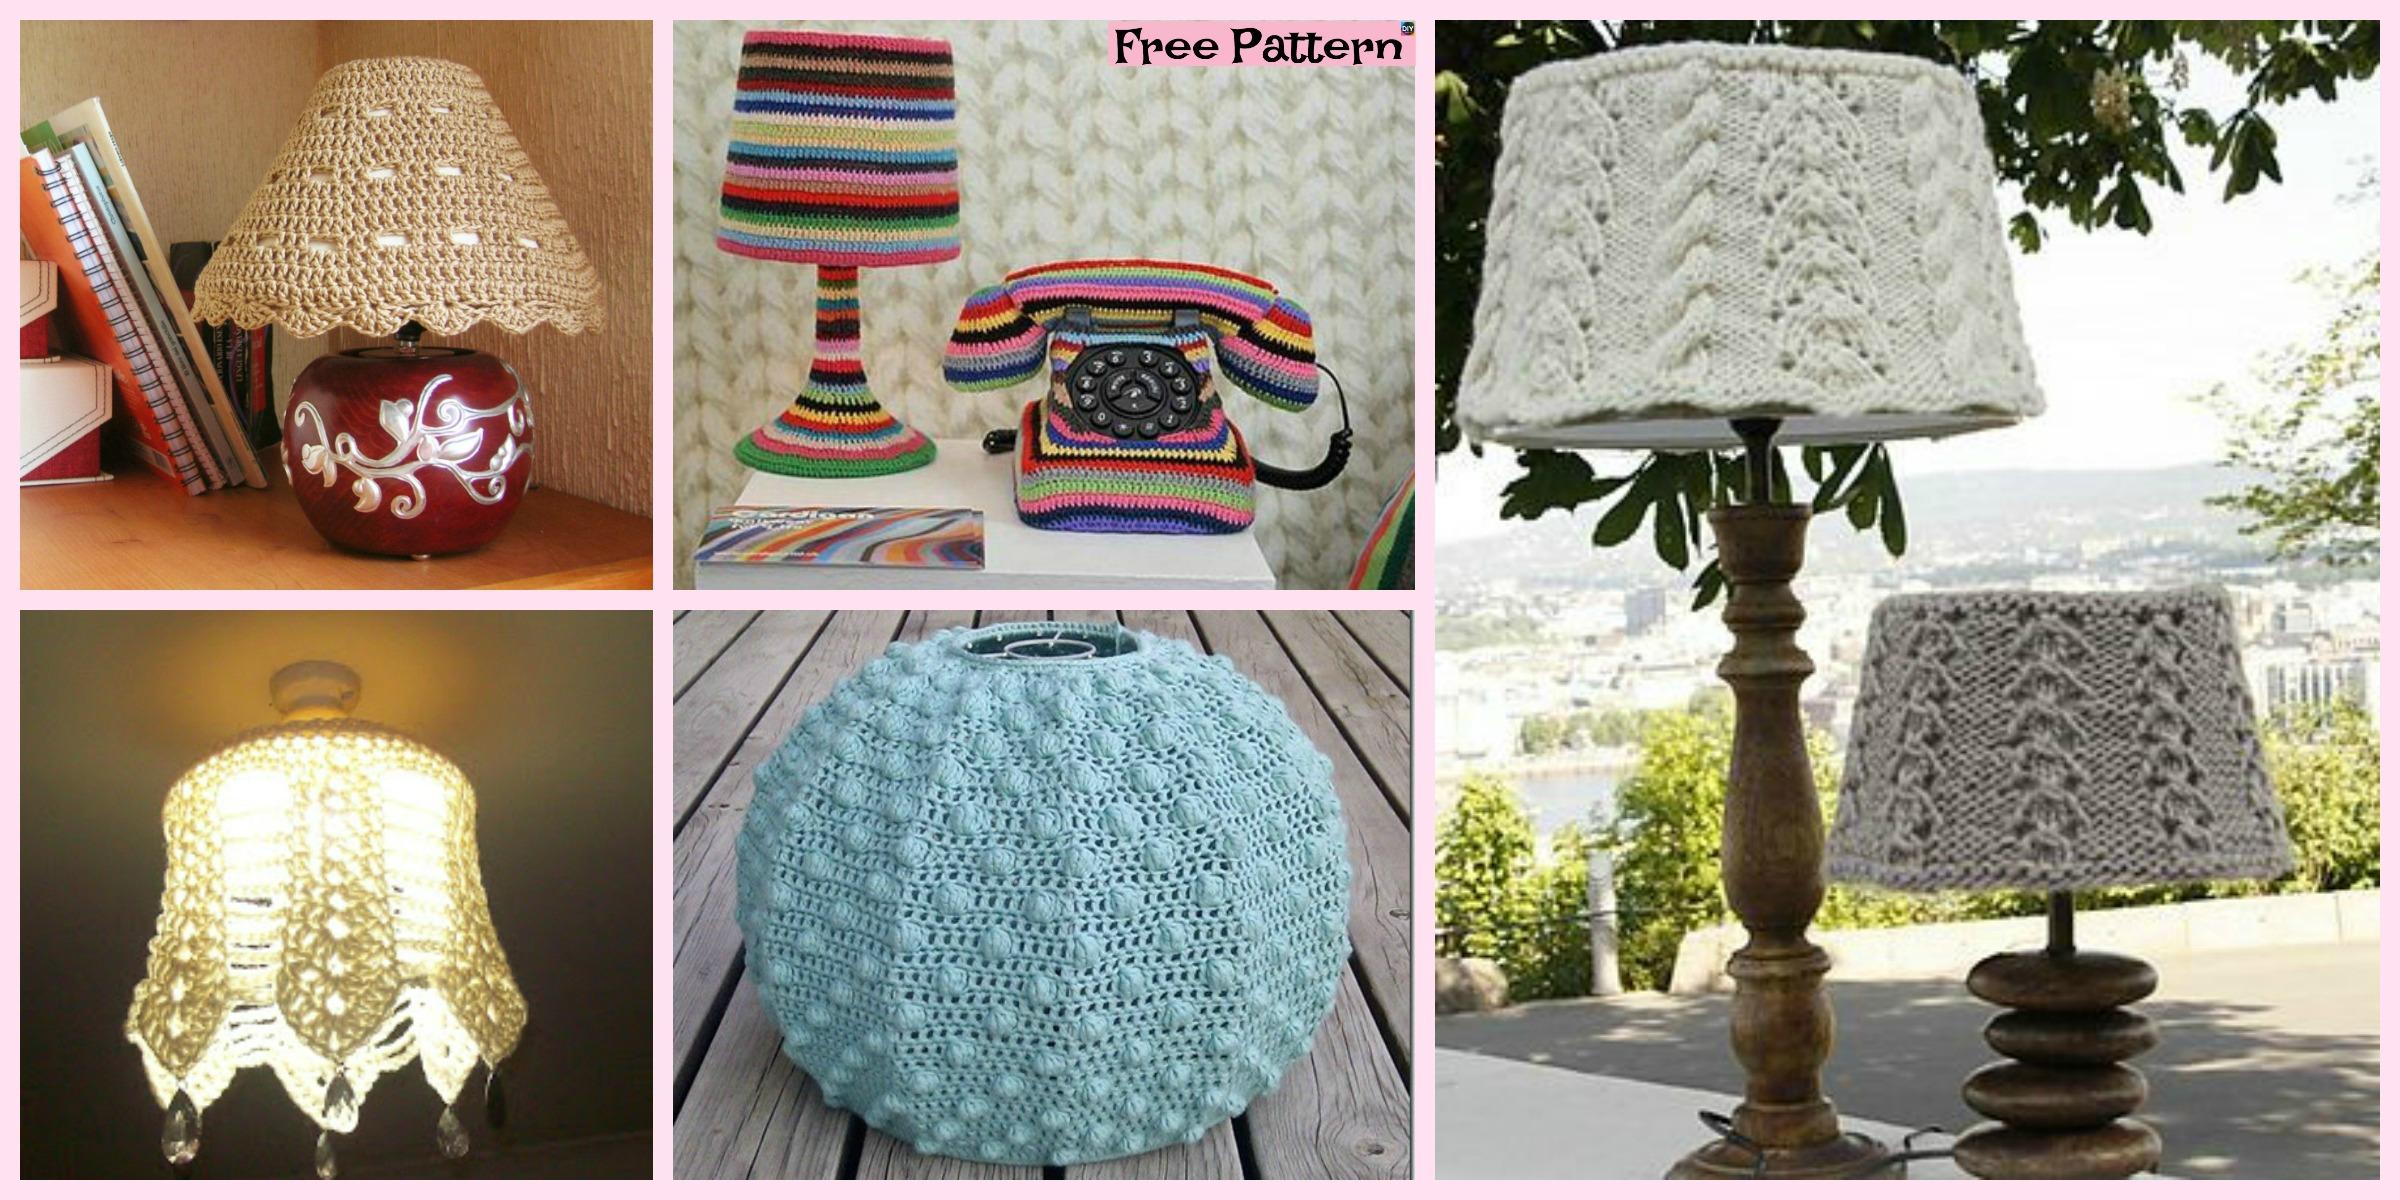 10+ Beautiful Crochet Lampshade – Free Pattern